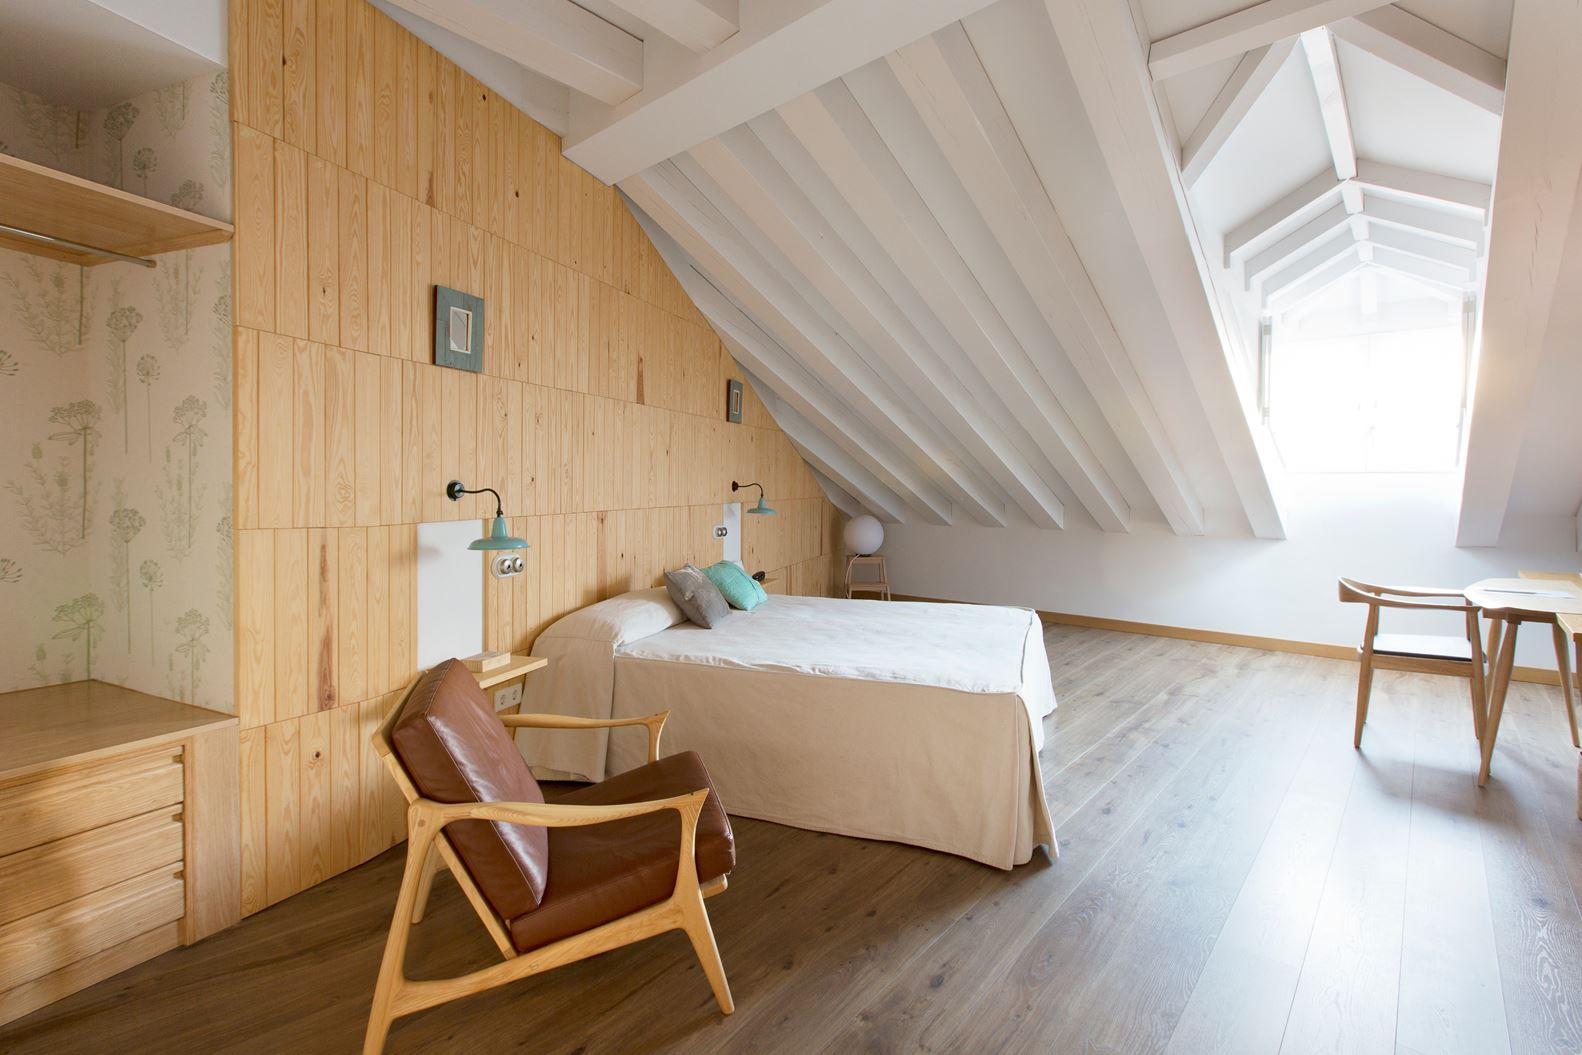 Un hotel con stanze in mansarda in un borgo medievale - Foto di camere ...